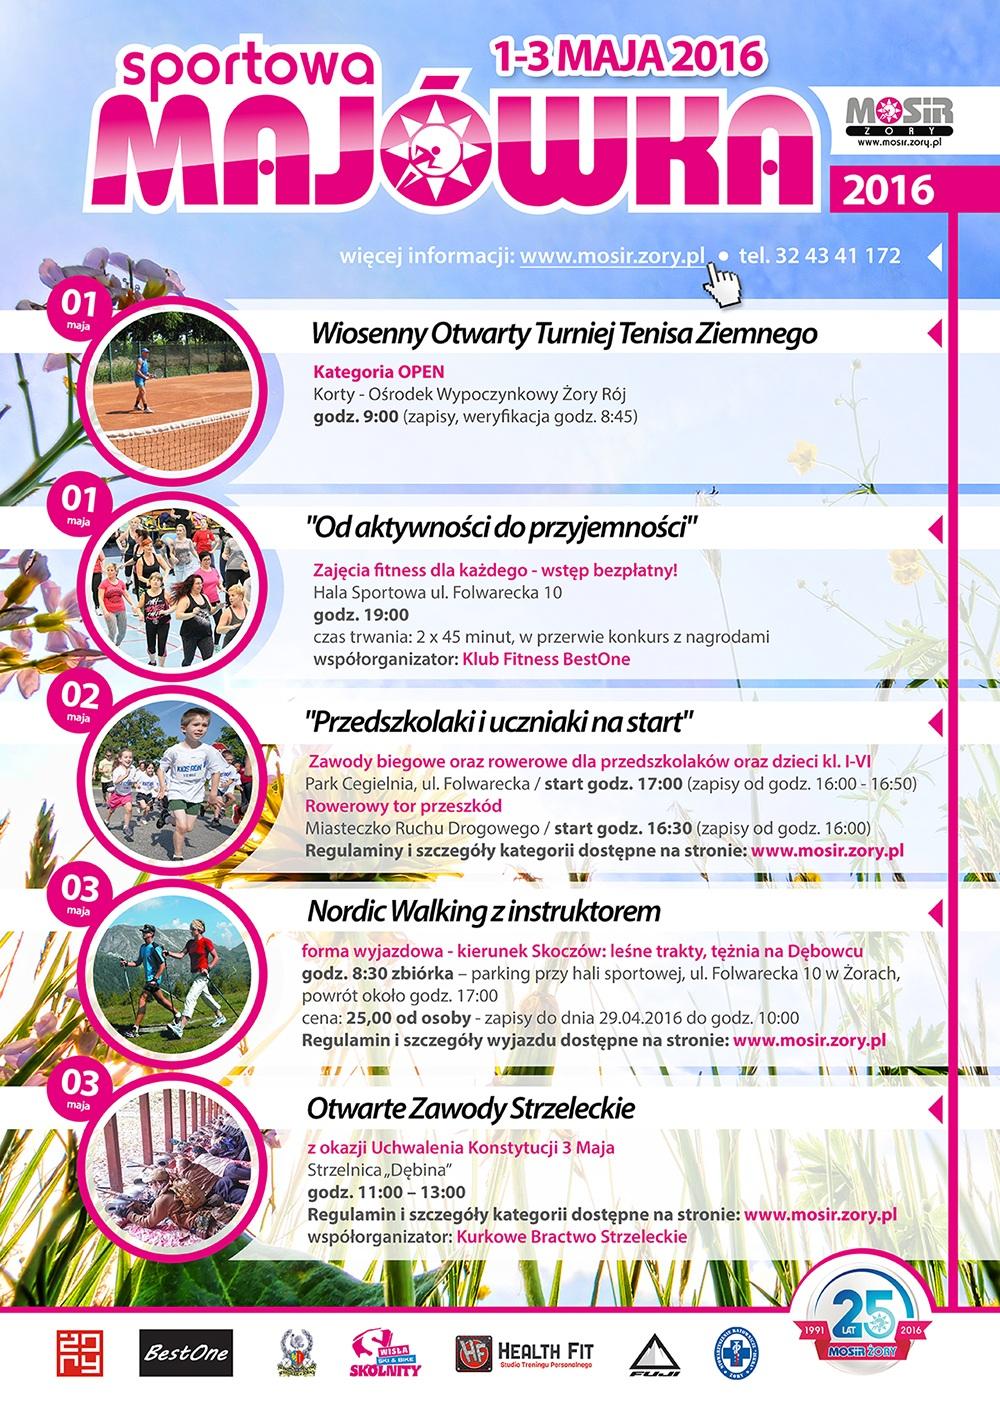 Harmonogram wydarzeń sportowych żorskiego MOSiR-u w majowy weekend 2016